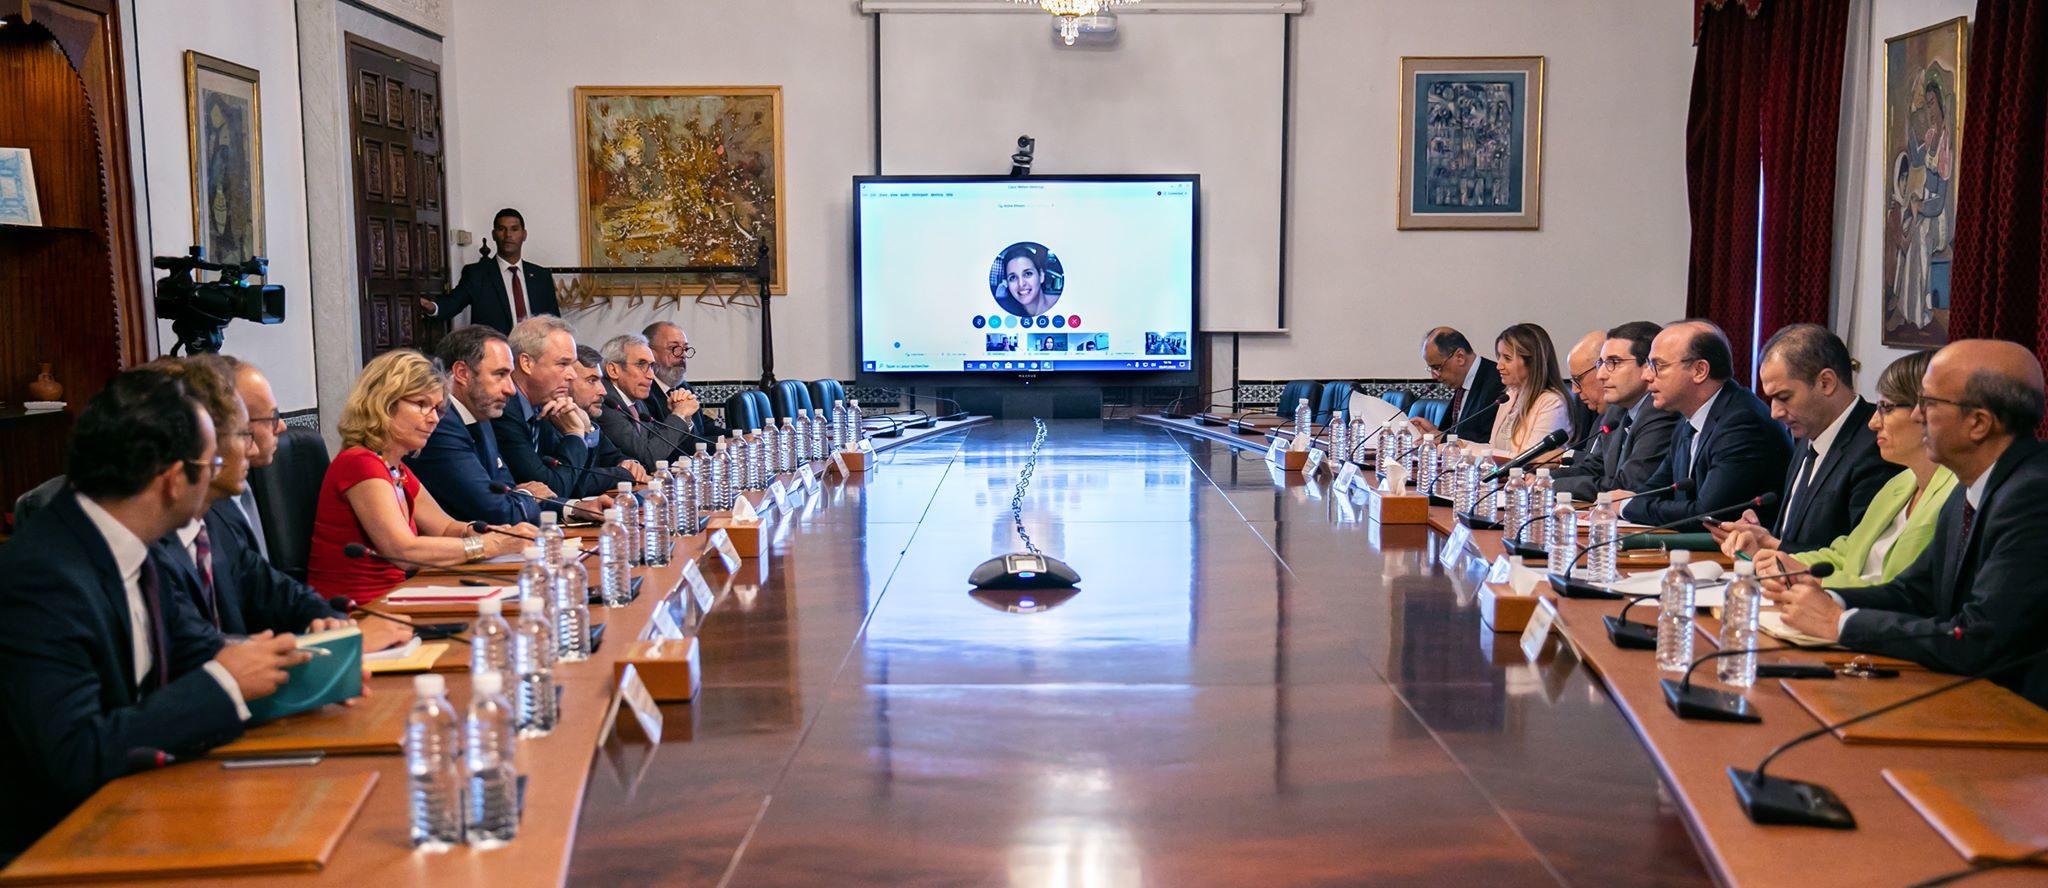 إجتماع رفيع المستوى بين الحكومة التونسية والشركاء الماليين والاقتصاديين في الخارج